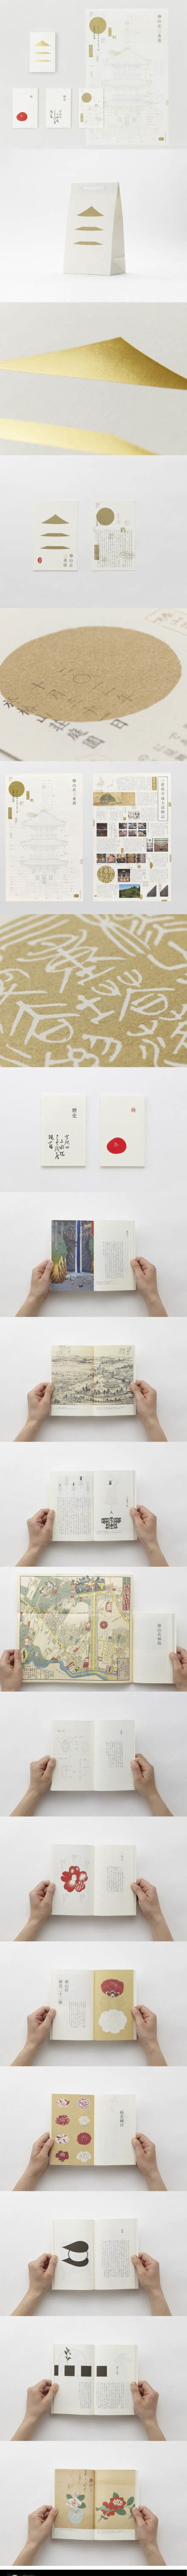 书籍设计。